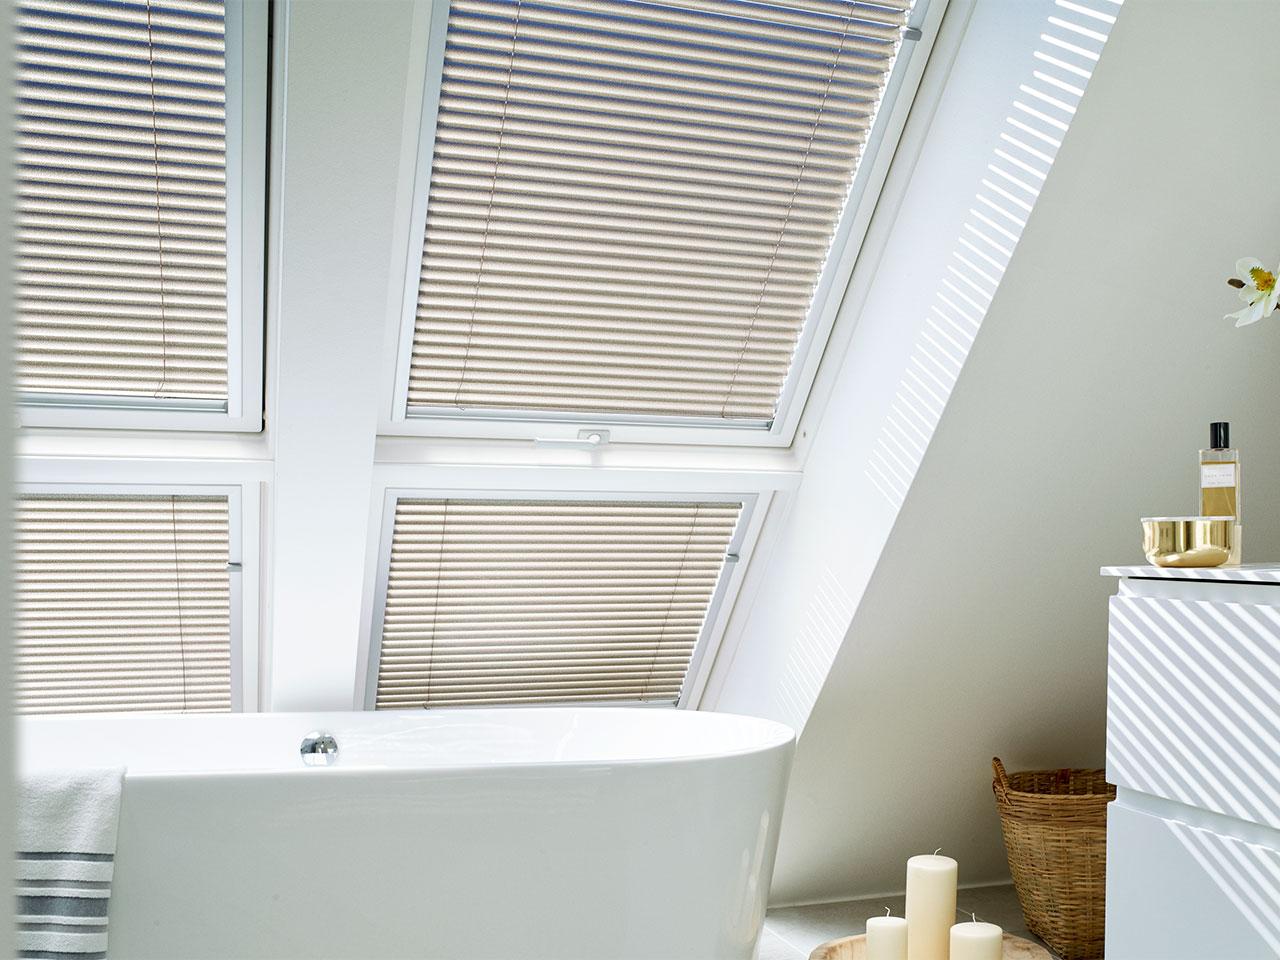 Full Size of Dachfenster Jalousie Velux Stores Fenster 3 Fach Verglasung Sonnenschutz Kaufen In Polen Klebefolie Für Einbruchsicherung Innen Einbruchschutz Nachrüsten Fenster Fenster Rollos Innen